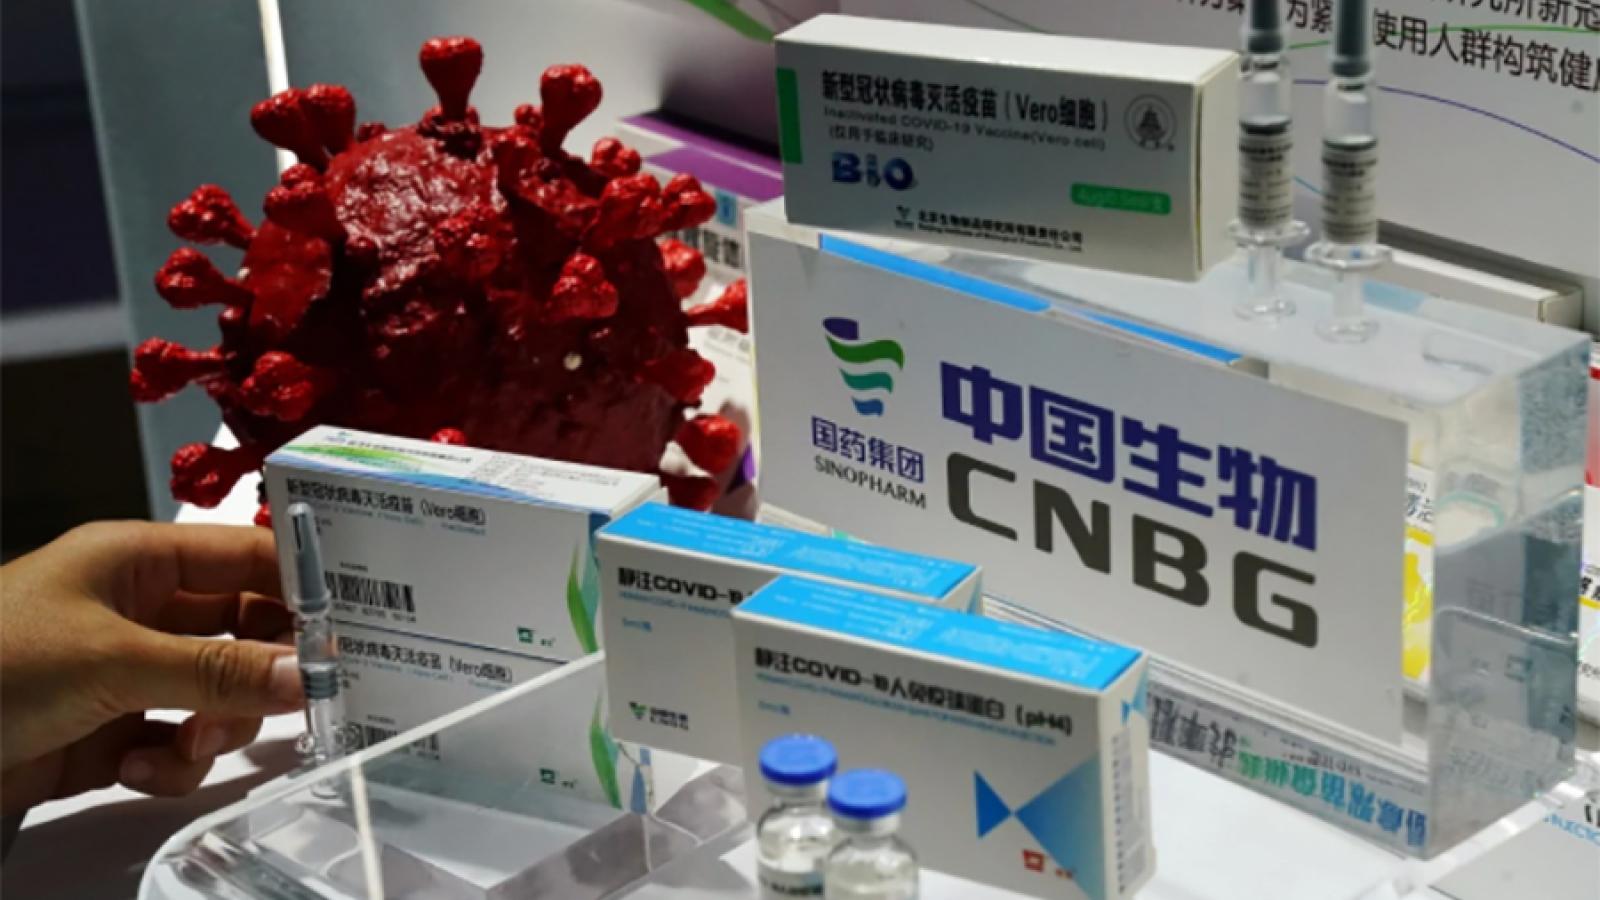 Trung Quốc sẽ viện trợ vaccine Covid-19 cho hơn 50 quốc gia